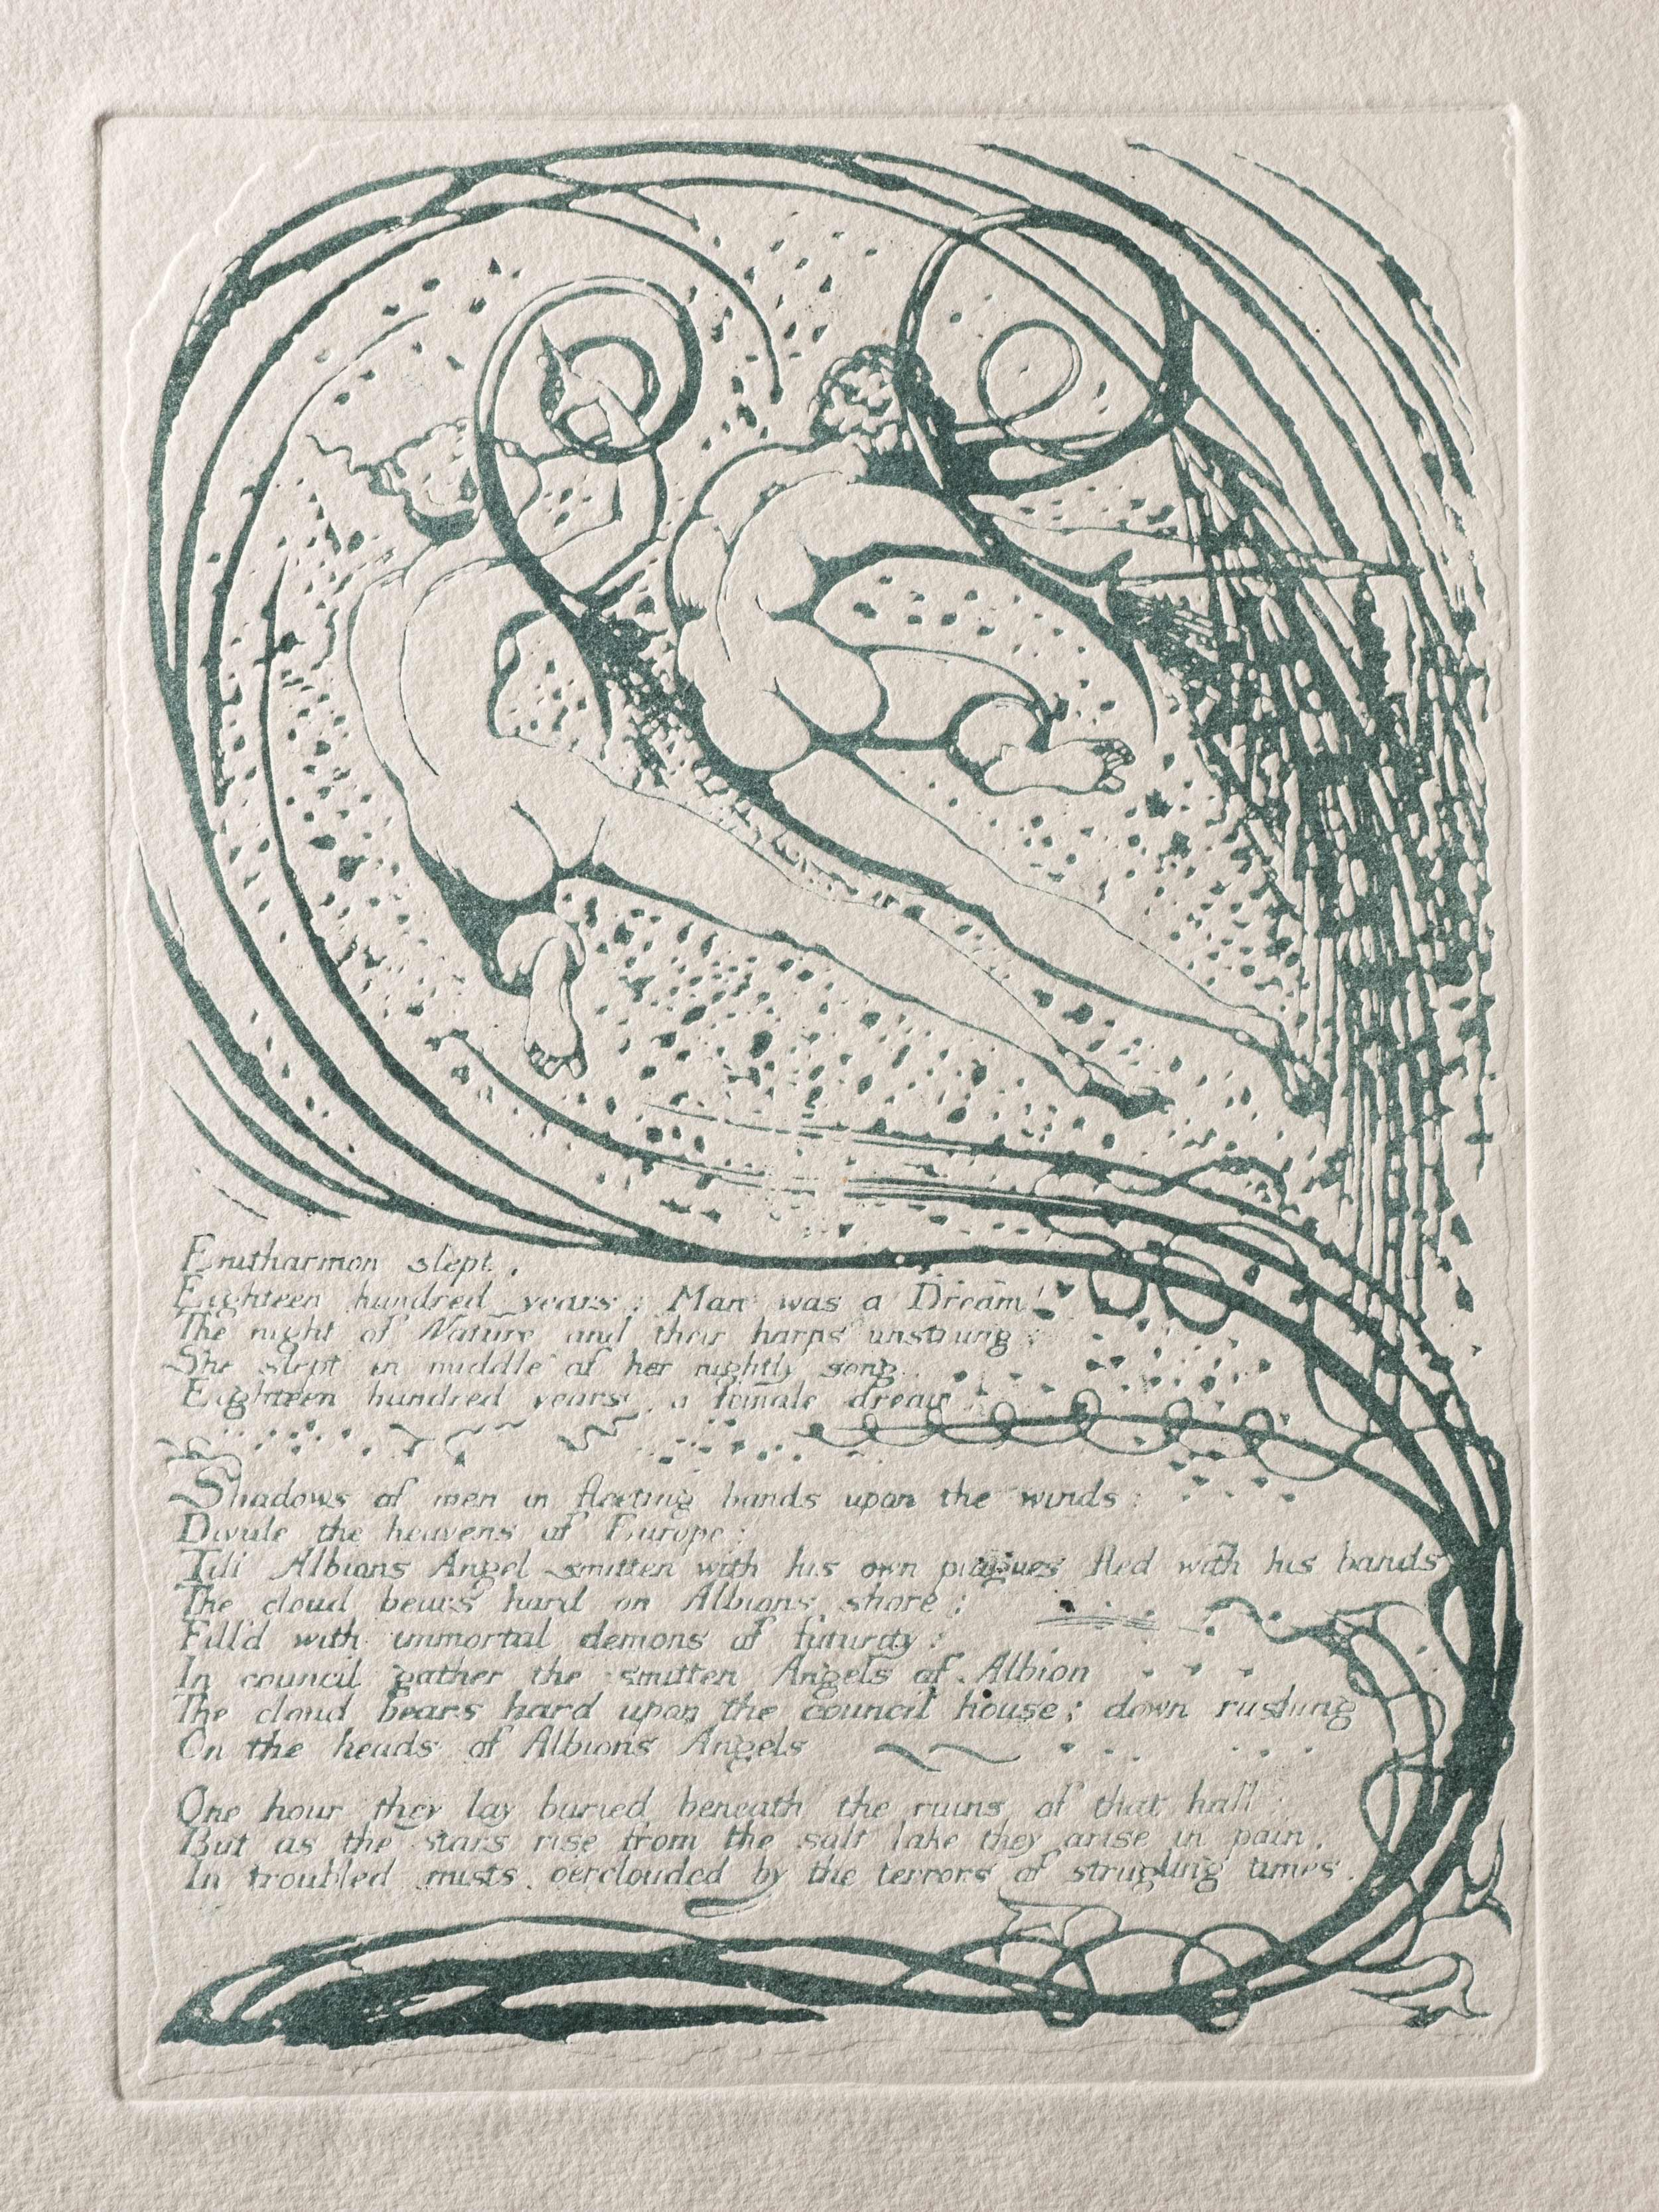 William-Blake-Europe-A-Prophecy-Enitharmon-Slept.jpg